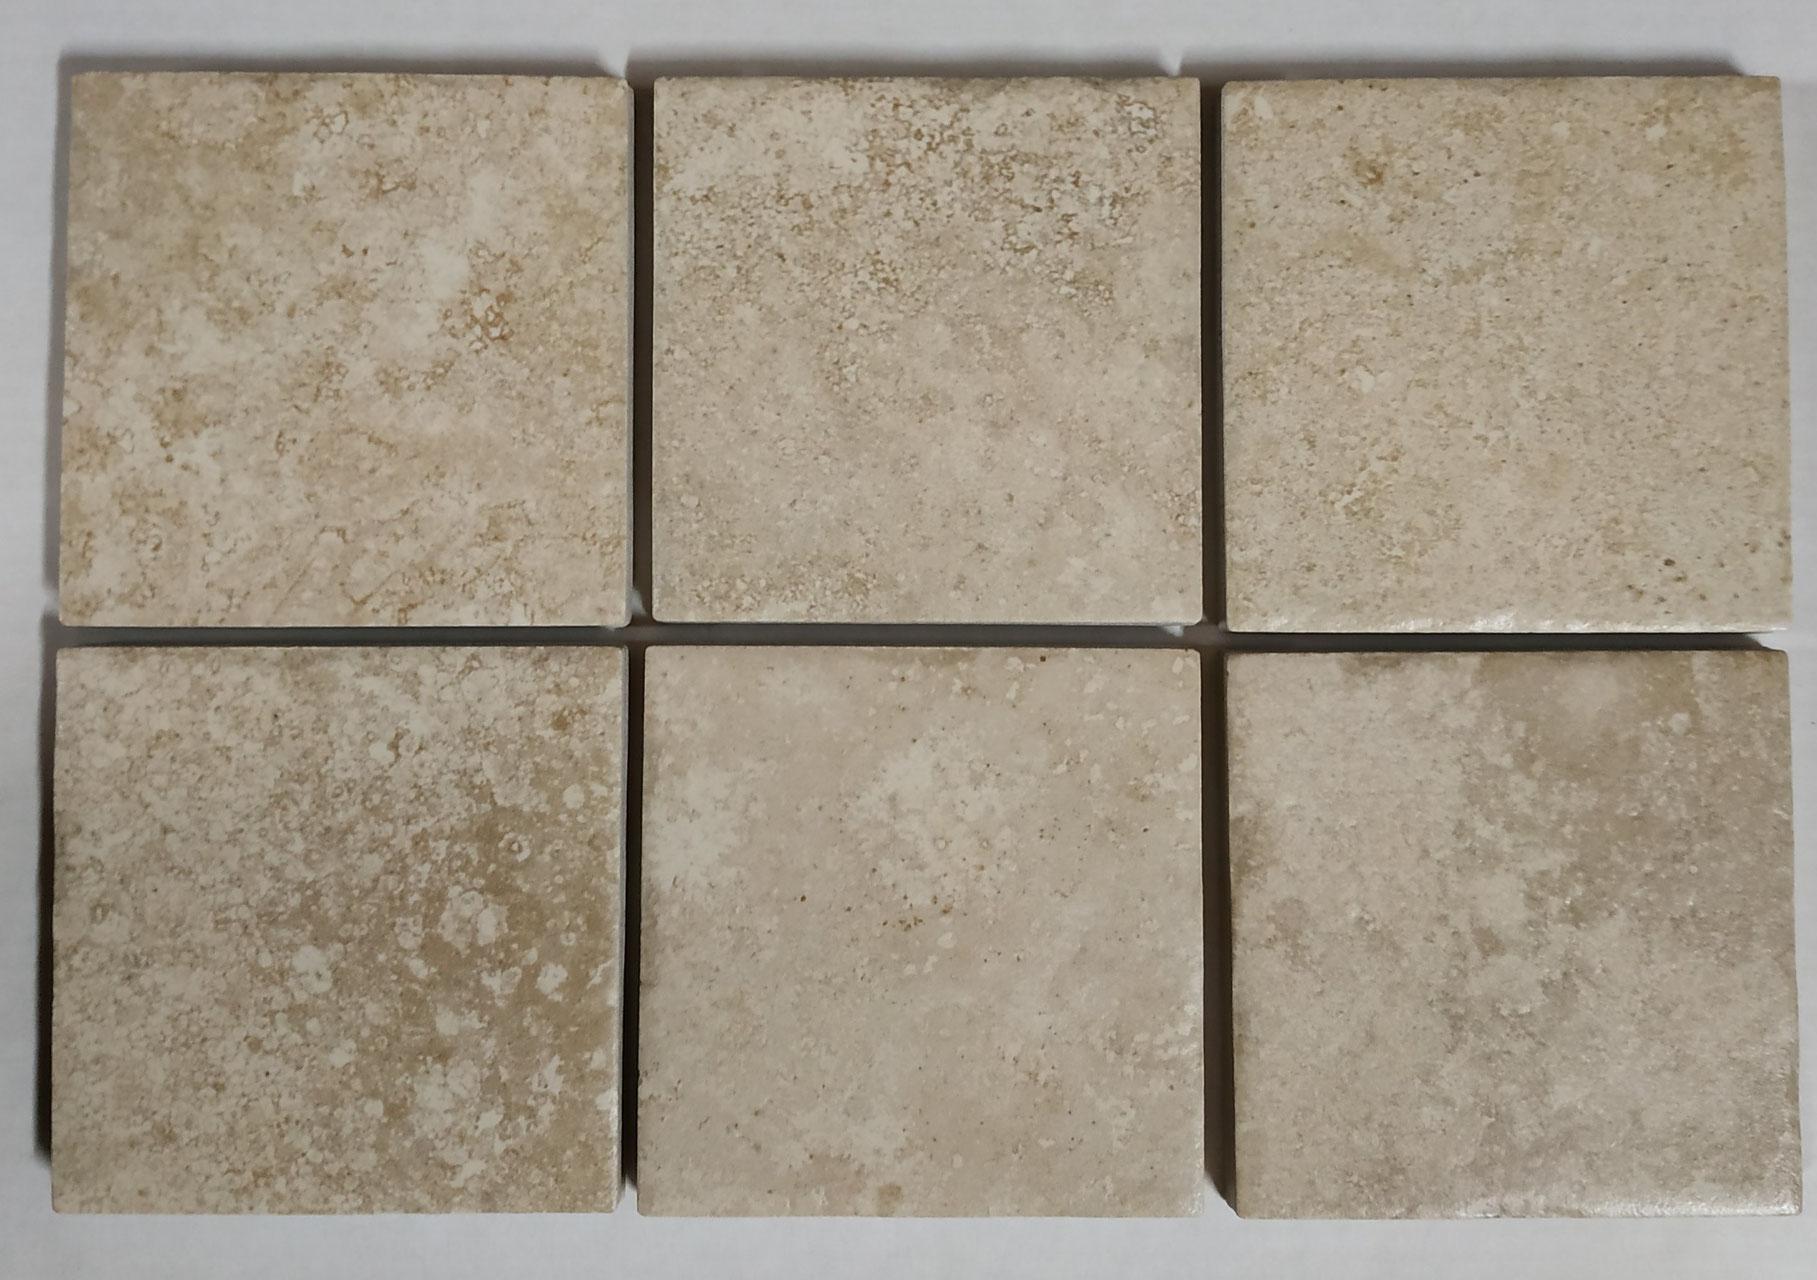 Piastrelle formelle inserti ceramichemetis materiale edile